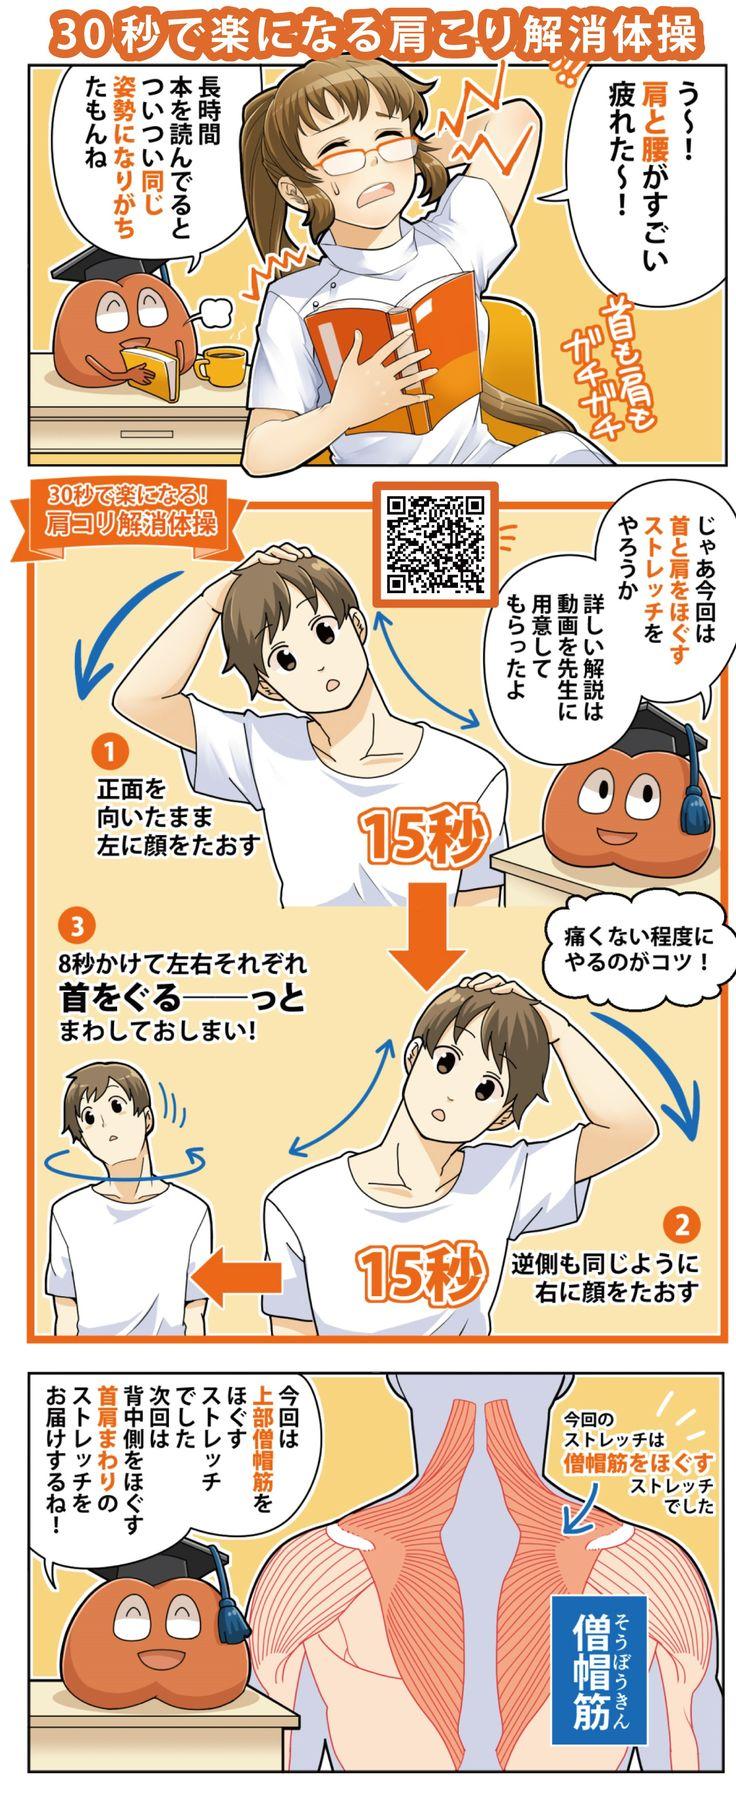 【30秒で肩こりスッキリ】どこでもお手軽♪肩こり体操の方法 #肩こり #shoulder #Health